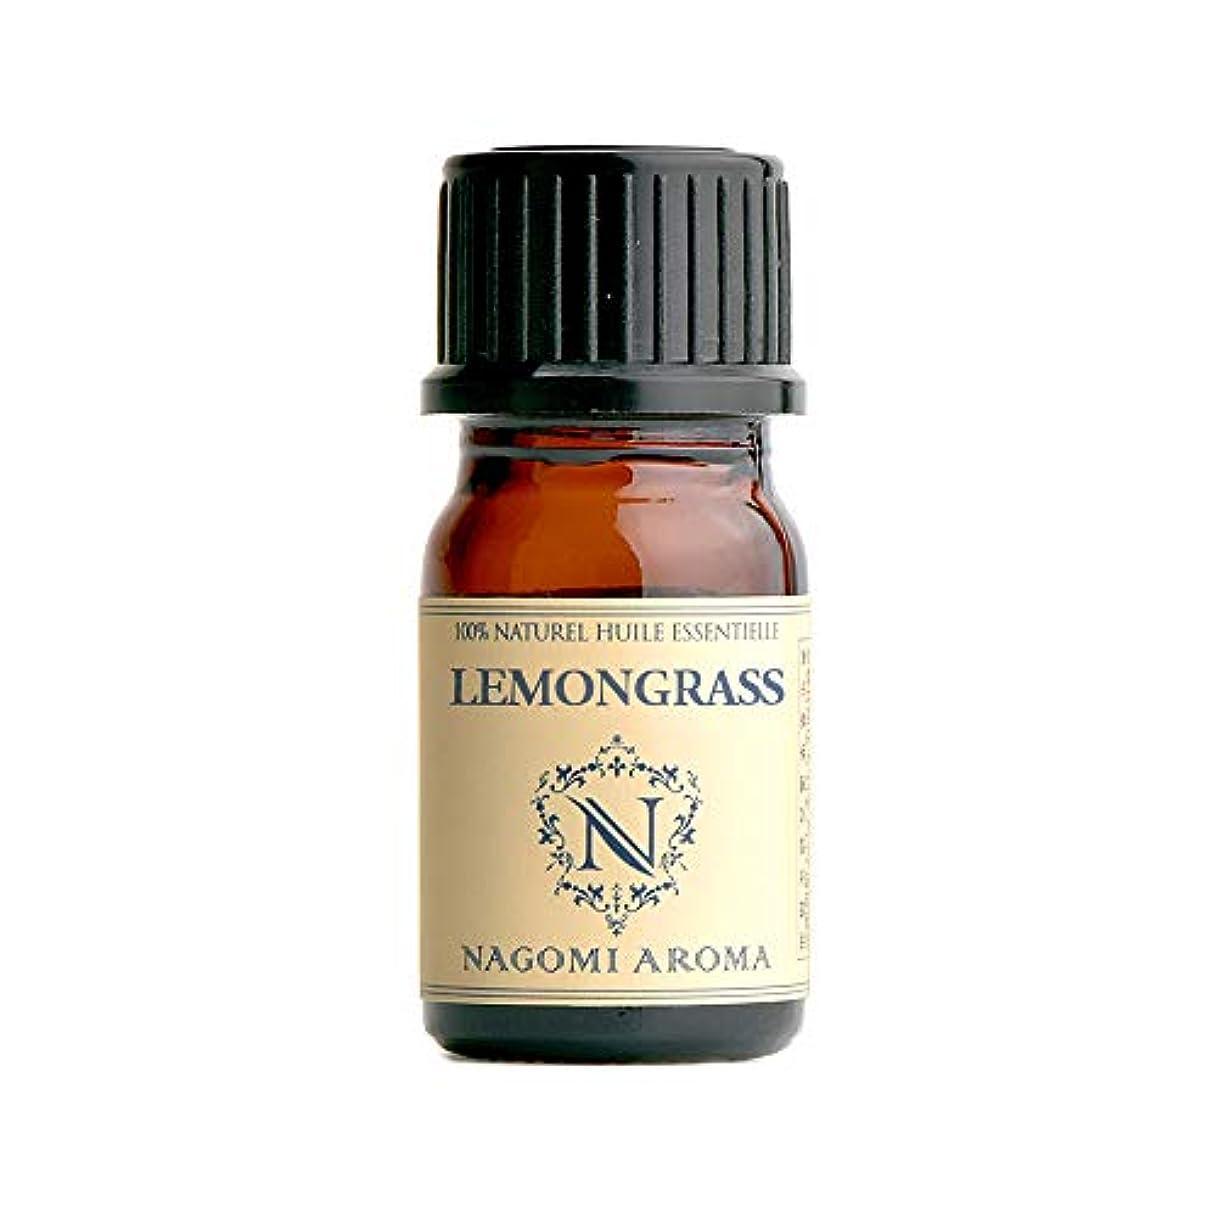 リーチパワー著名な【AEAJ認定表示基準認定精油】NAGOMI PURE レモングラス 5ml 【エッセンシャルオイル】【精油】【アロマオイル】|CONVOILs